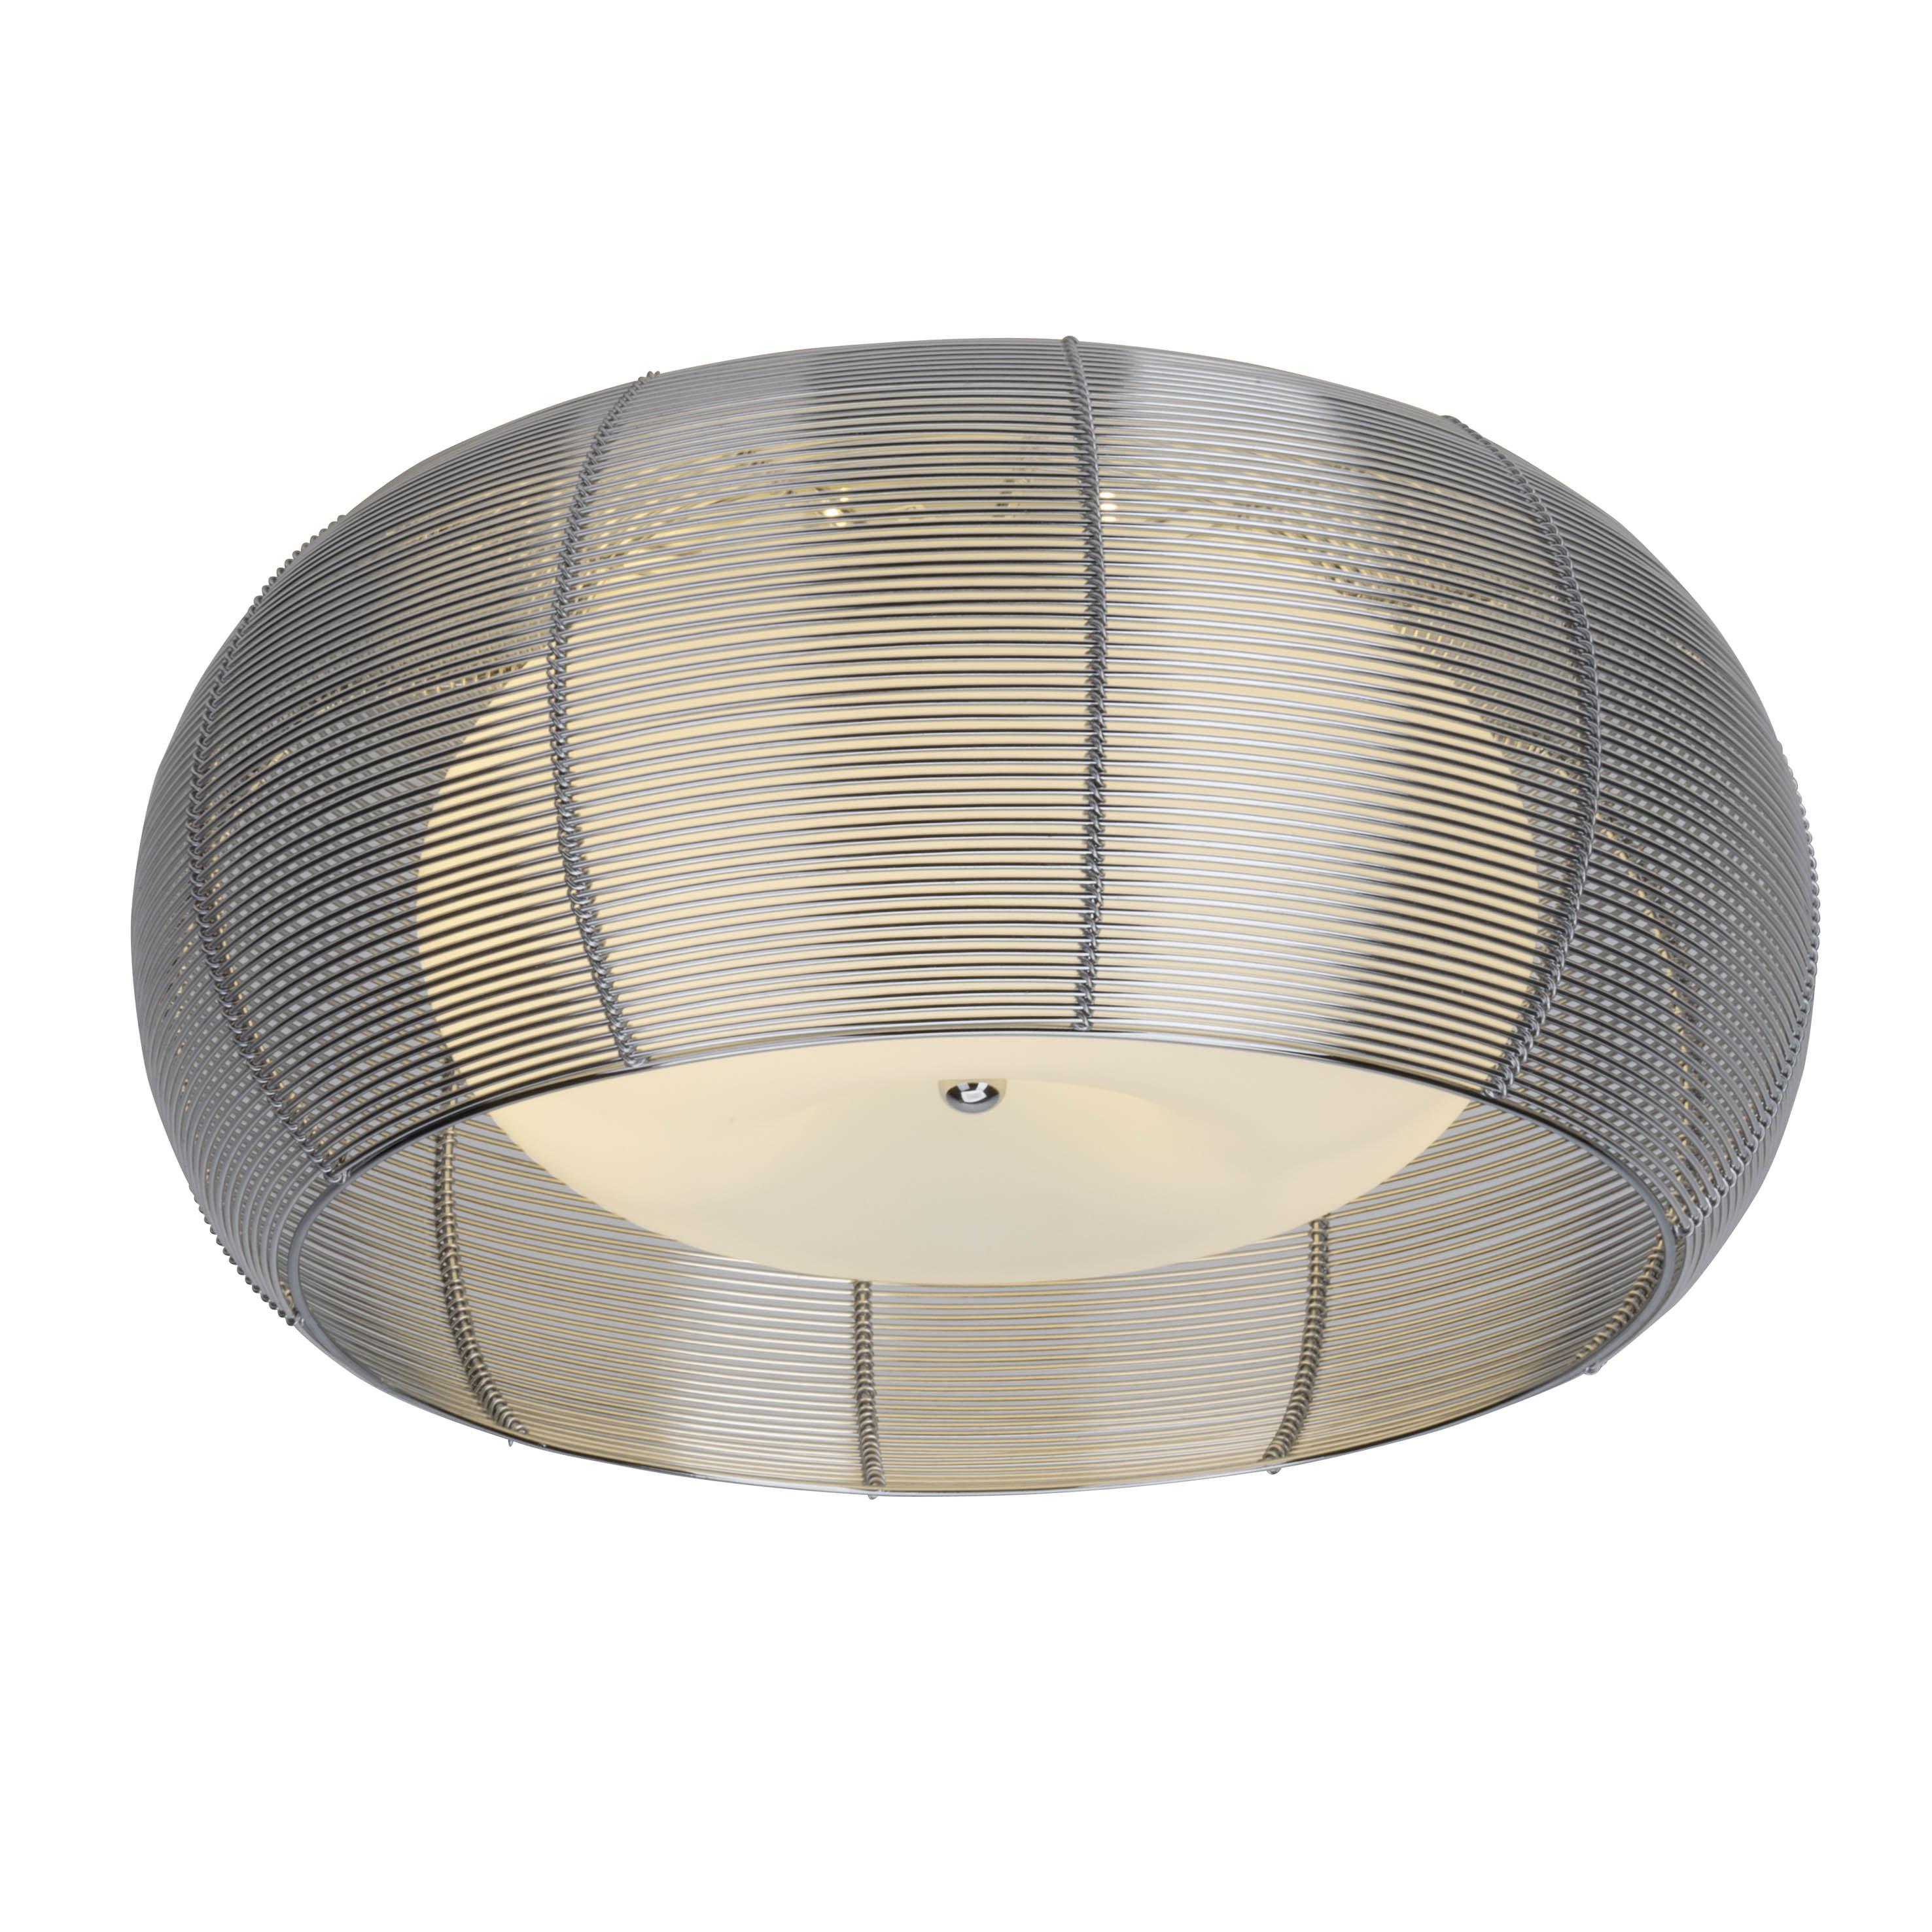 Brilliant Leuchten Relax Deckenleuchte 50cm chrom/weiß